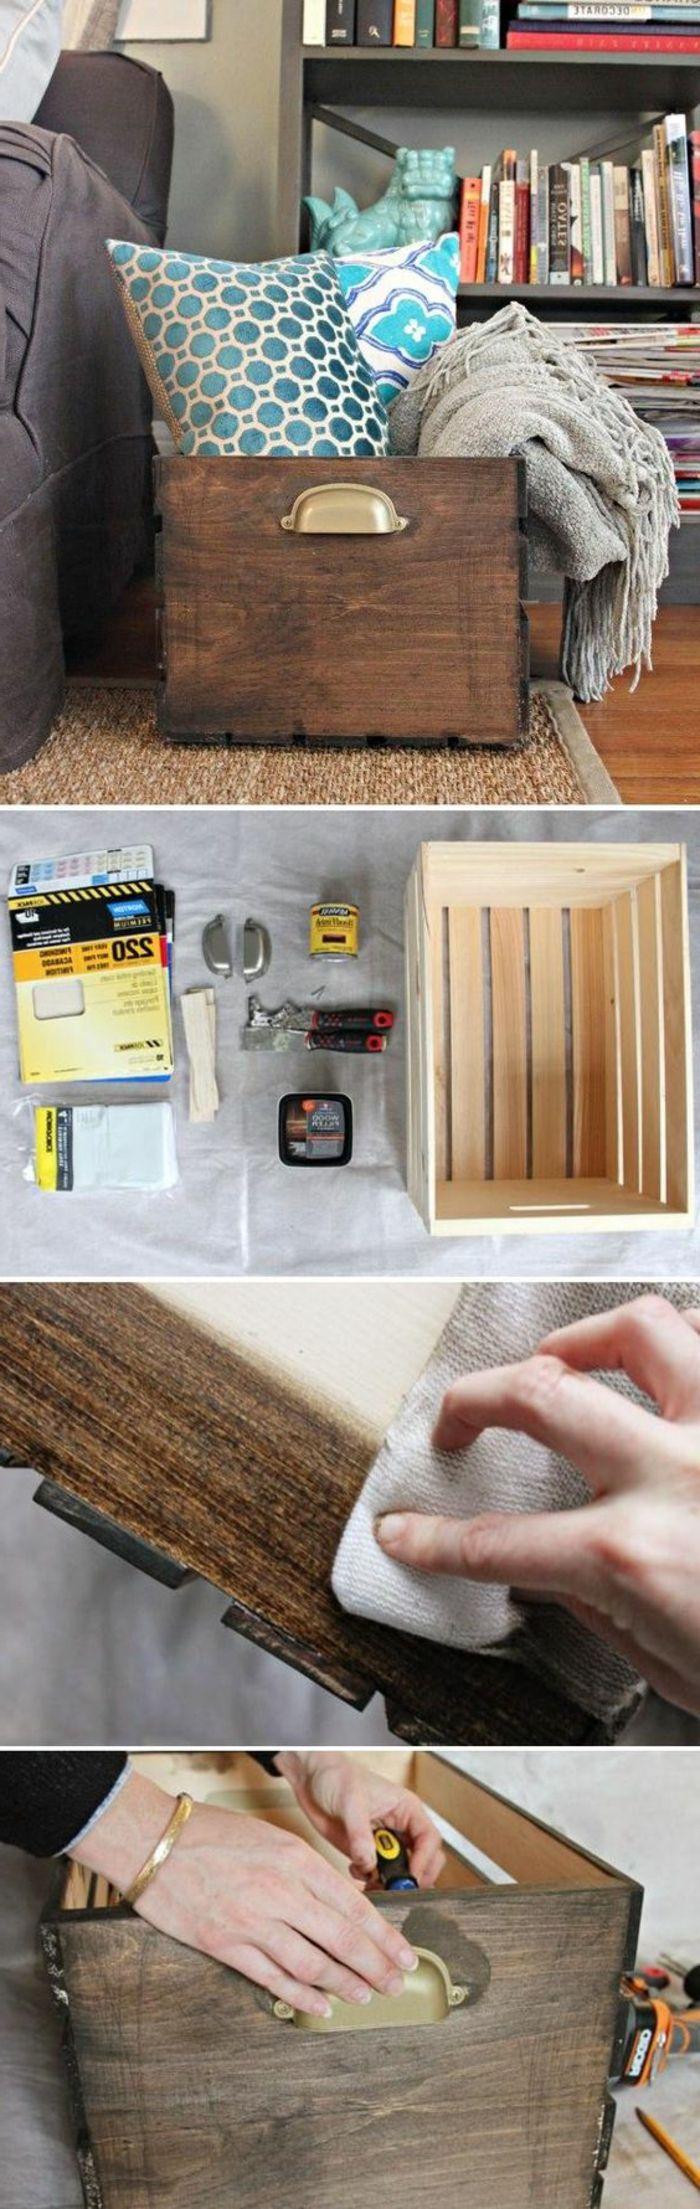 1001 id es et tutos pour fabriquer un meuble en cagette charmant d co bri - Ou trouver du bois pour faire des meubles ...